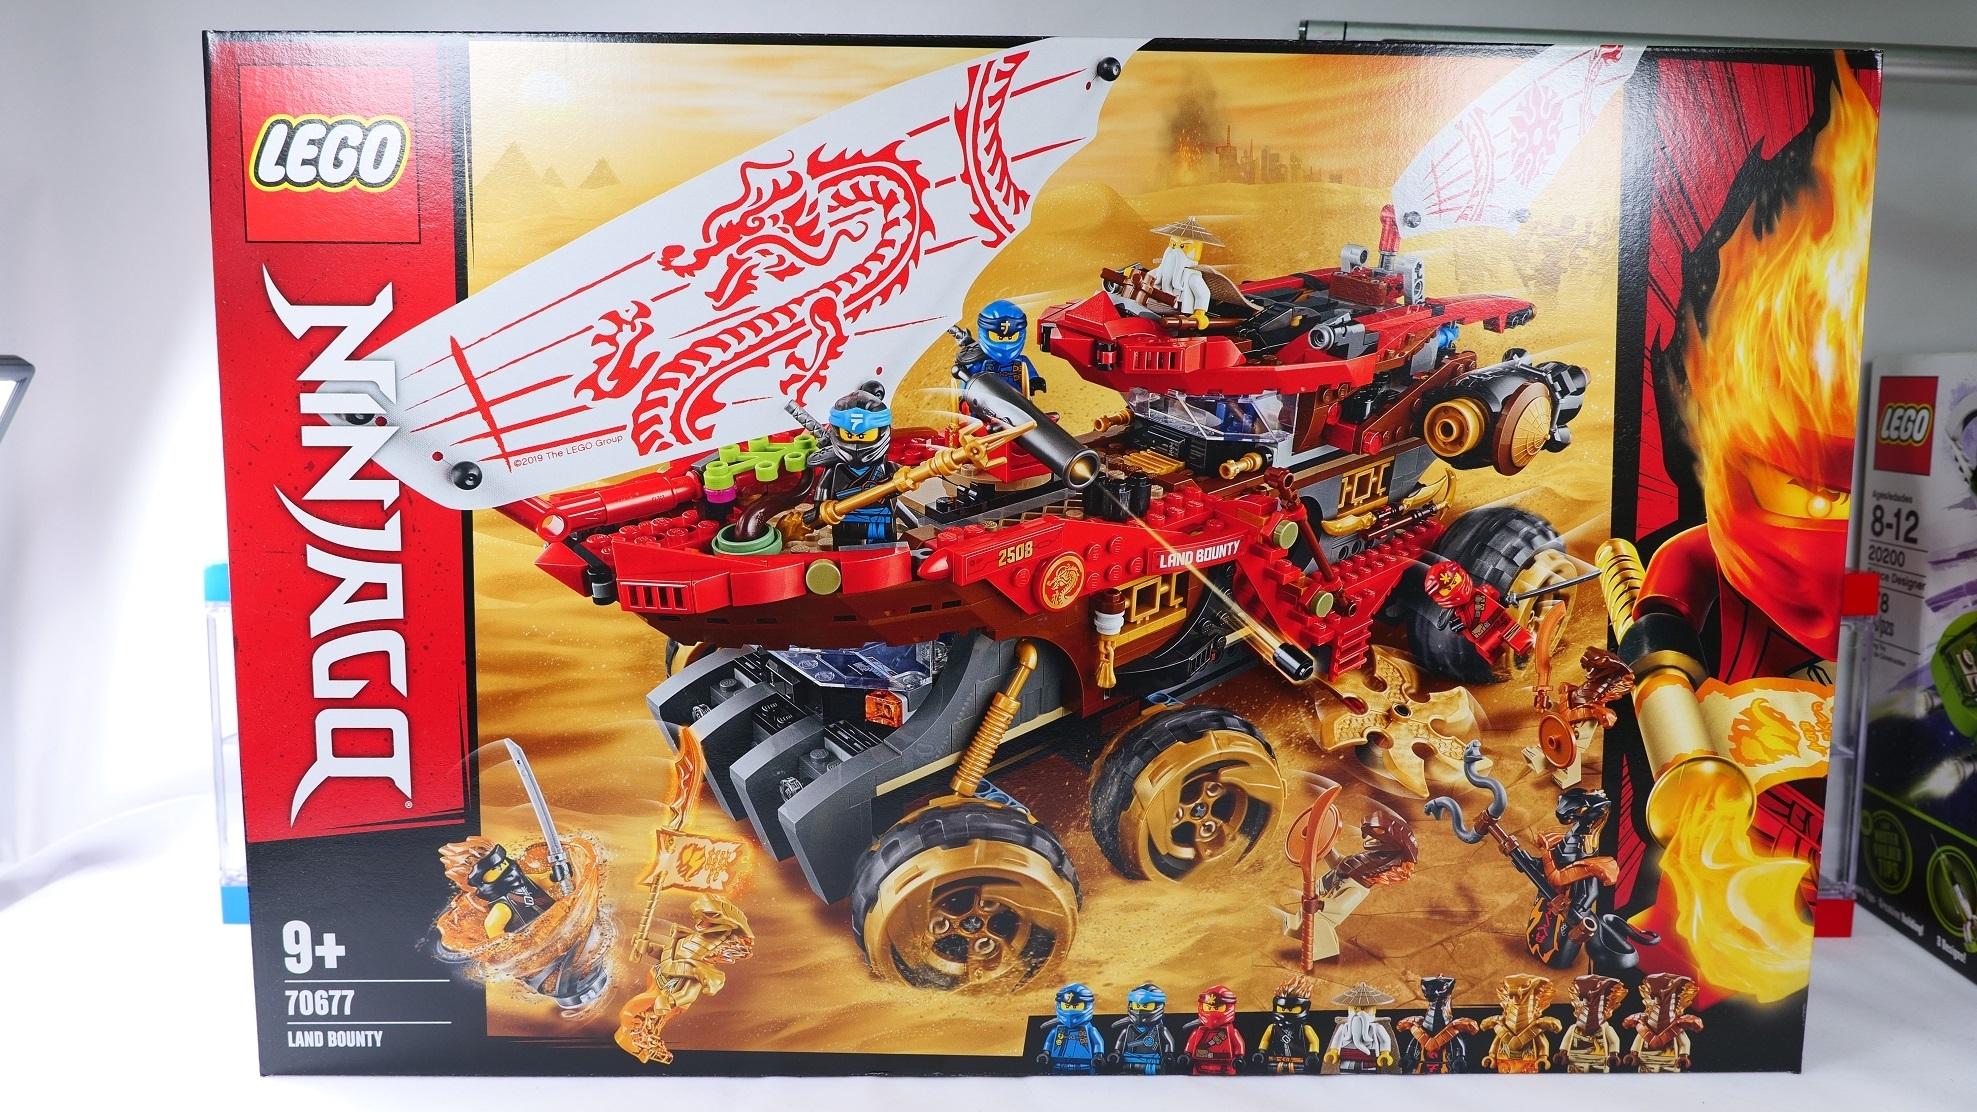 乐高搭建:乐高幻影忍者70677封赏之地战车评测,霸气的大战车